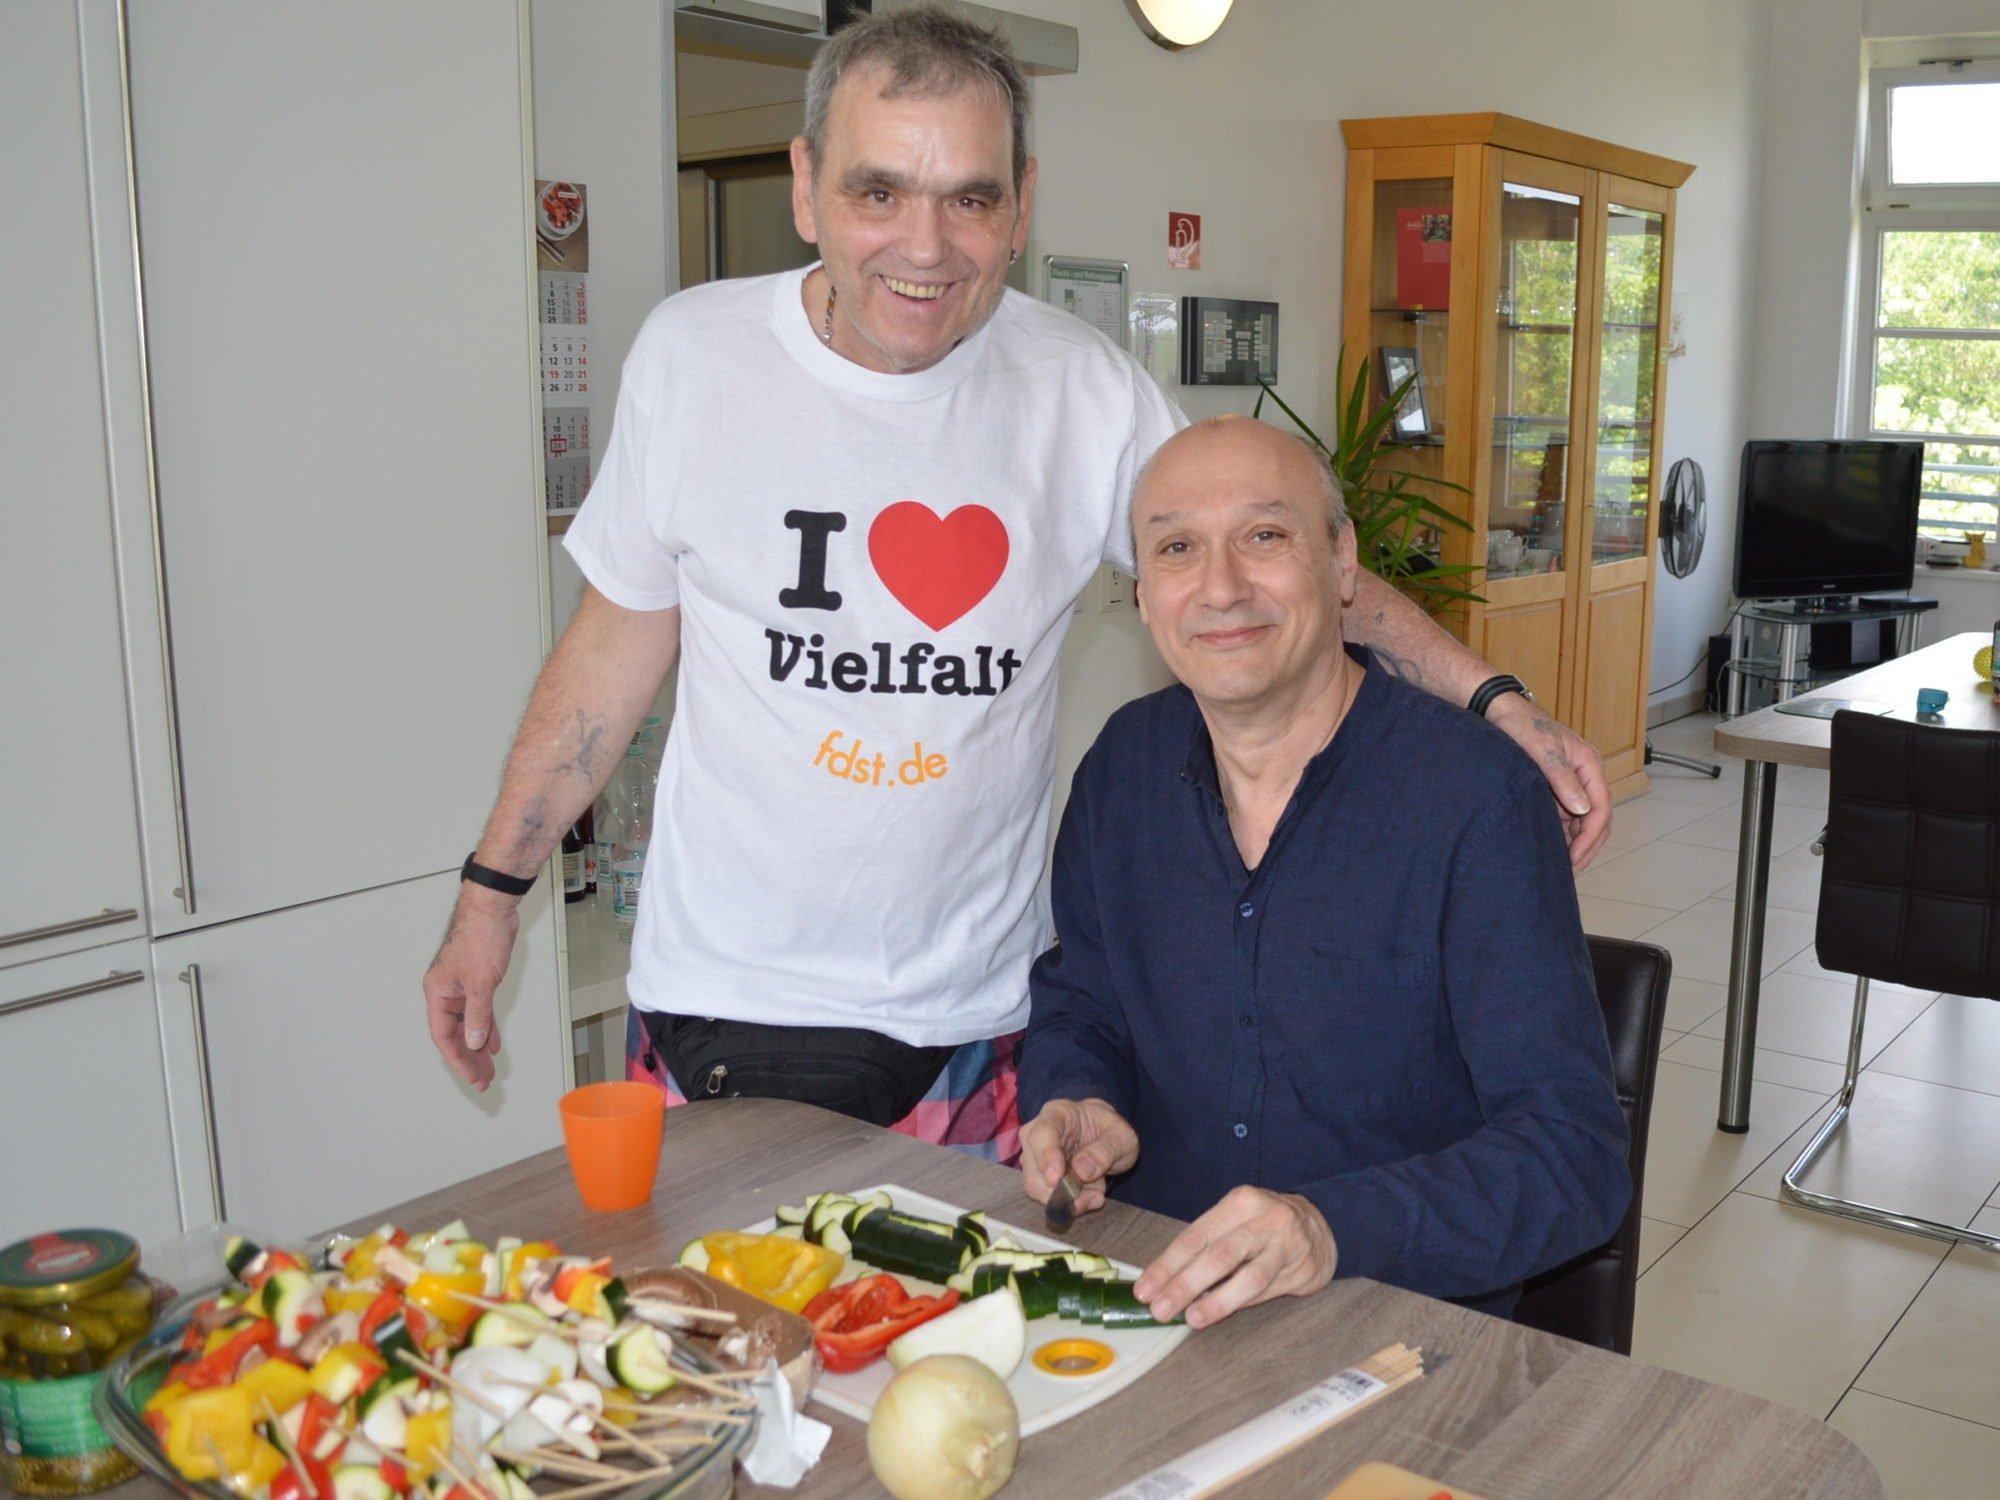 Ein Herr sitzt an einem Tisch und schneidet Gemüse für Grillspieße. Ein anderer Herr steht neben ihm, und trägt ein Shirt mit der Aufschrift I Love Vielfalt. Beide schauen in die Kamera und lächeln.